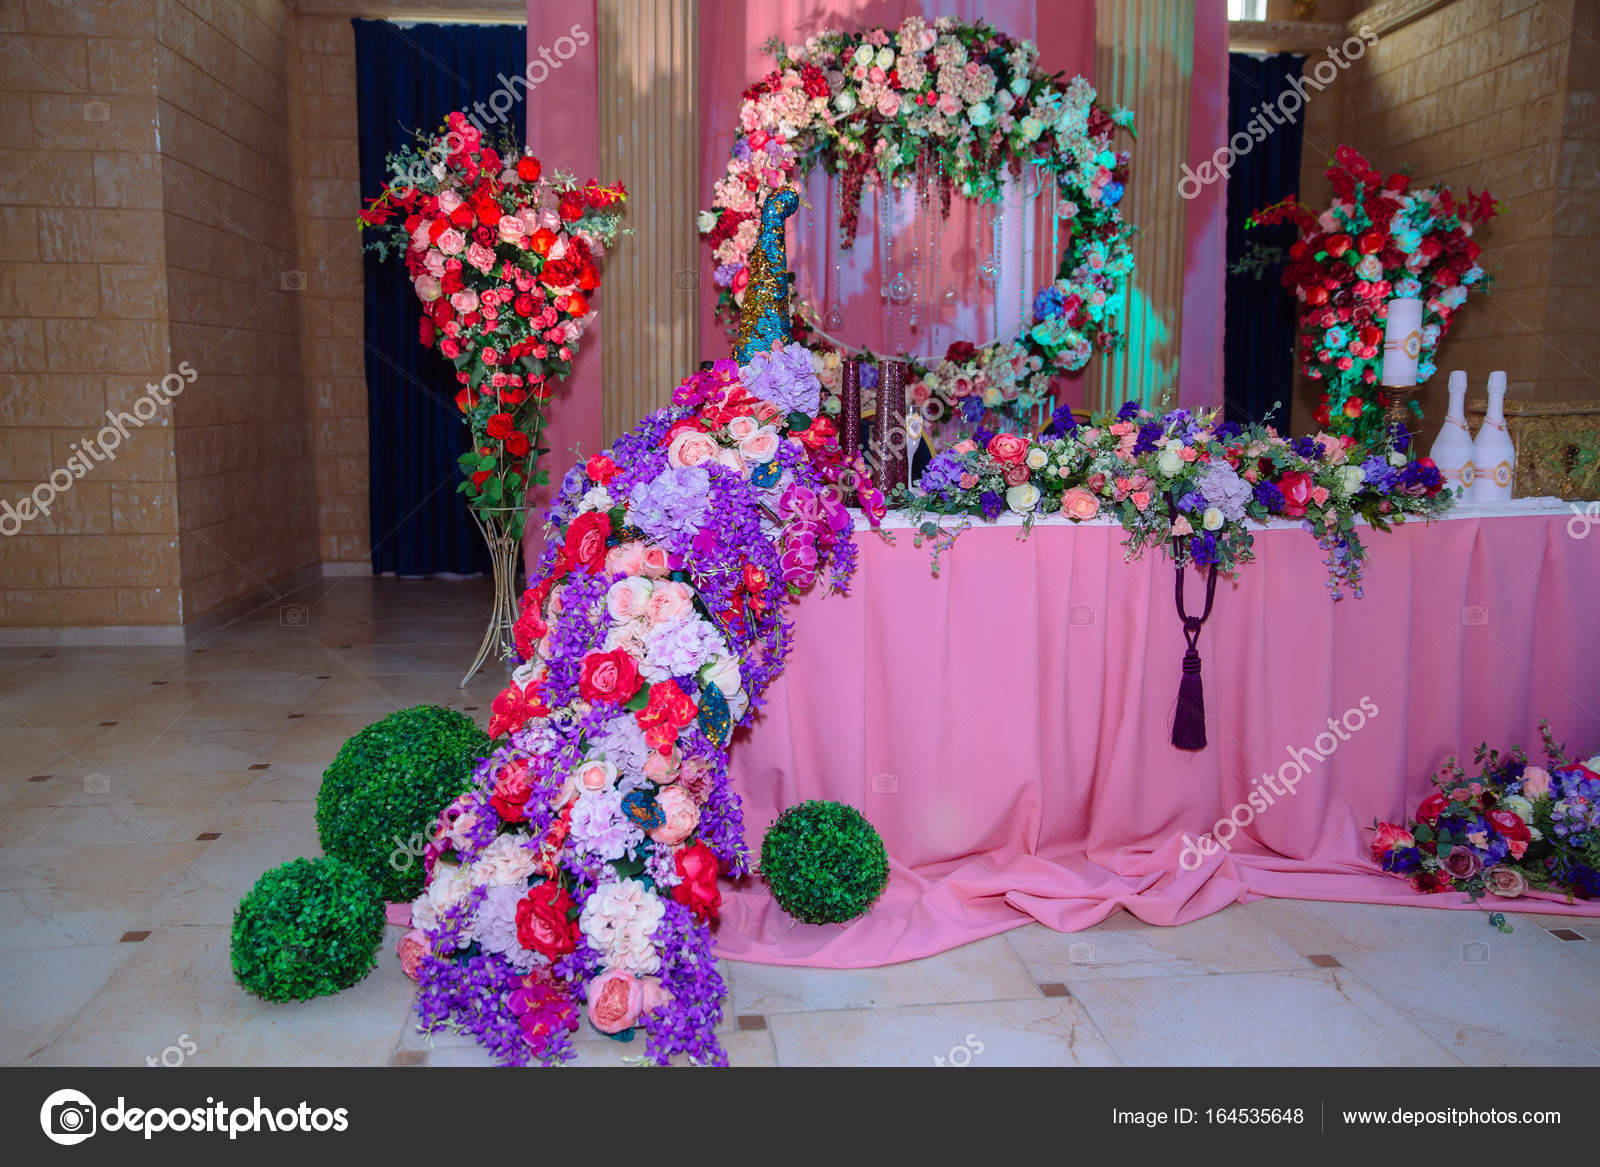 Schon Dekorierte Hochzeit Restaurant Fur Die Ehe Bunte Dekoration